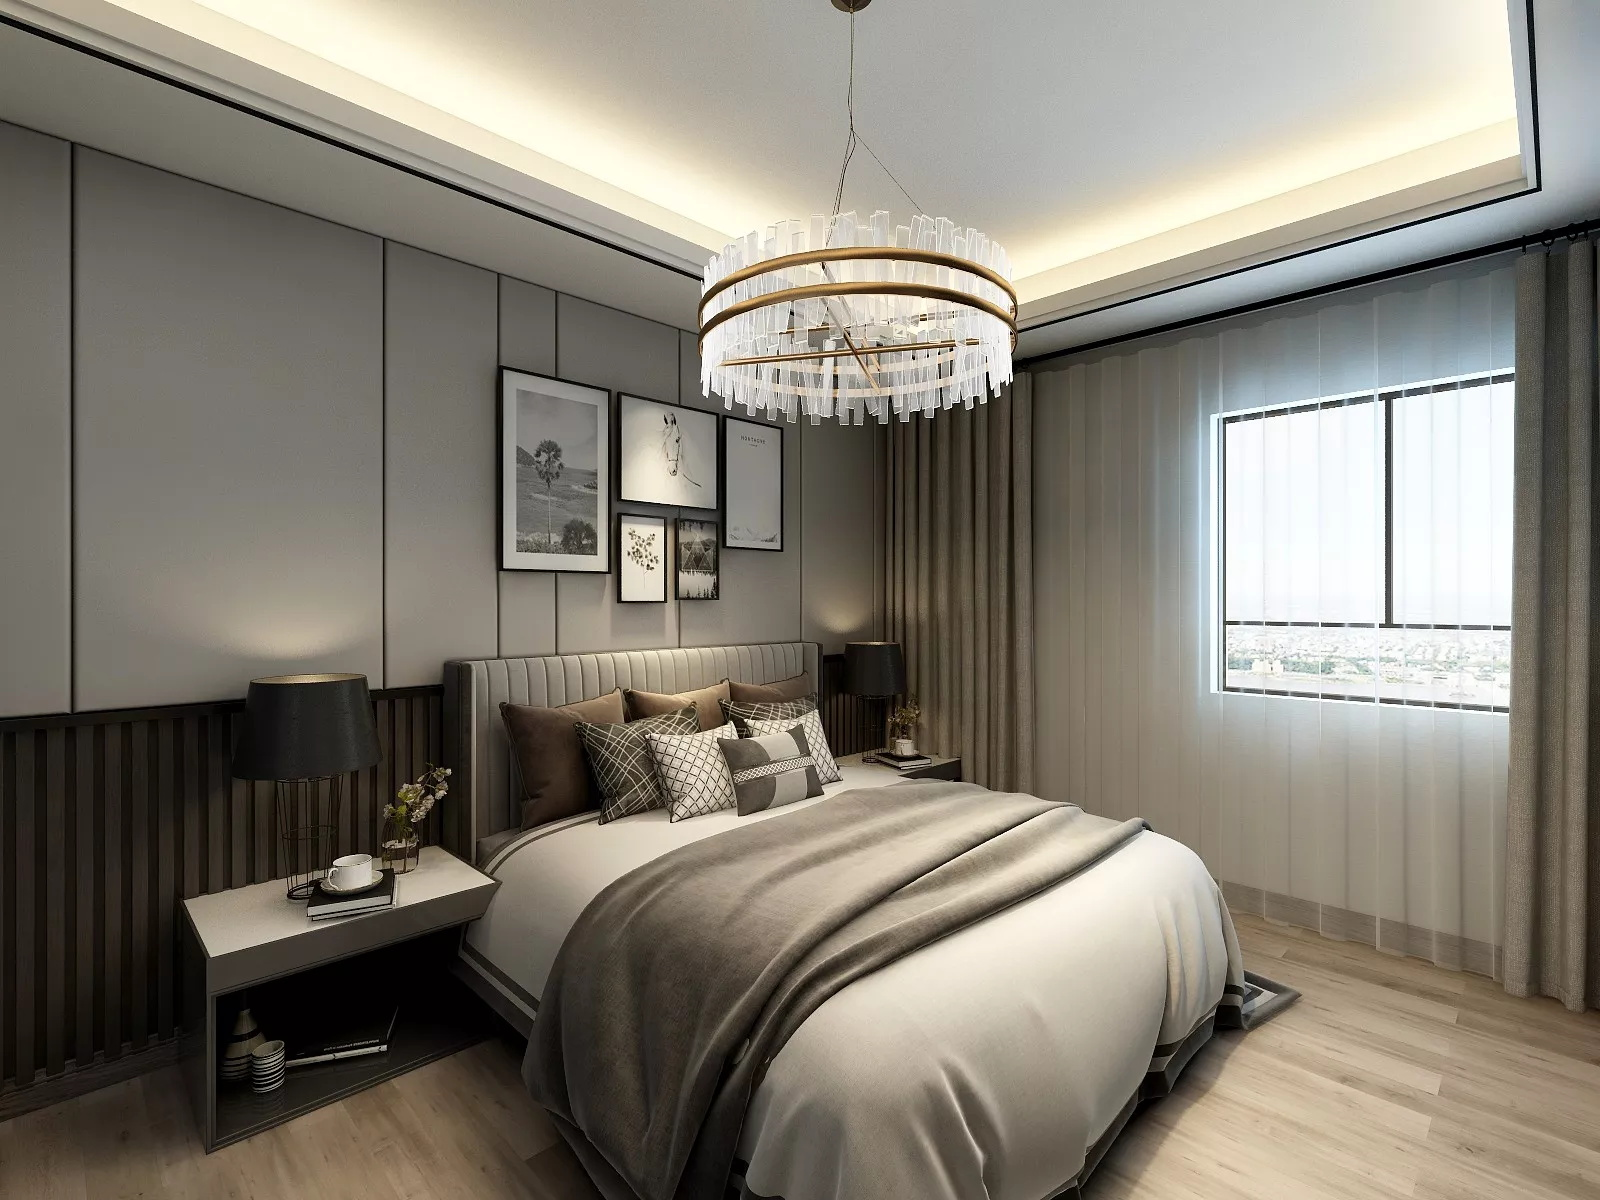 面积小的客厅怎么装修?面积小的客厅装修需要注意什么?